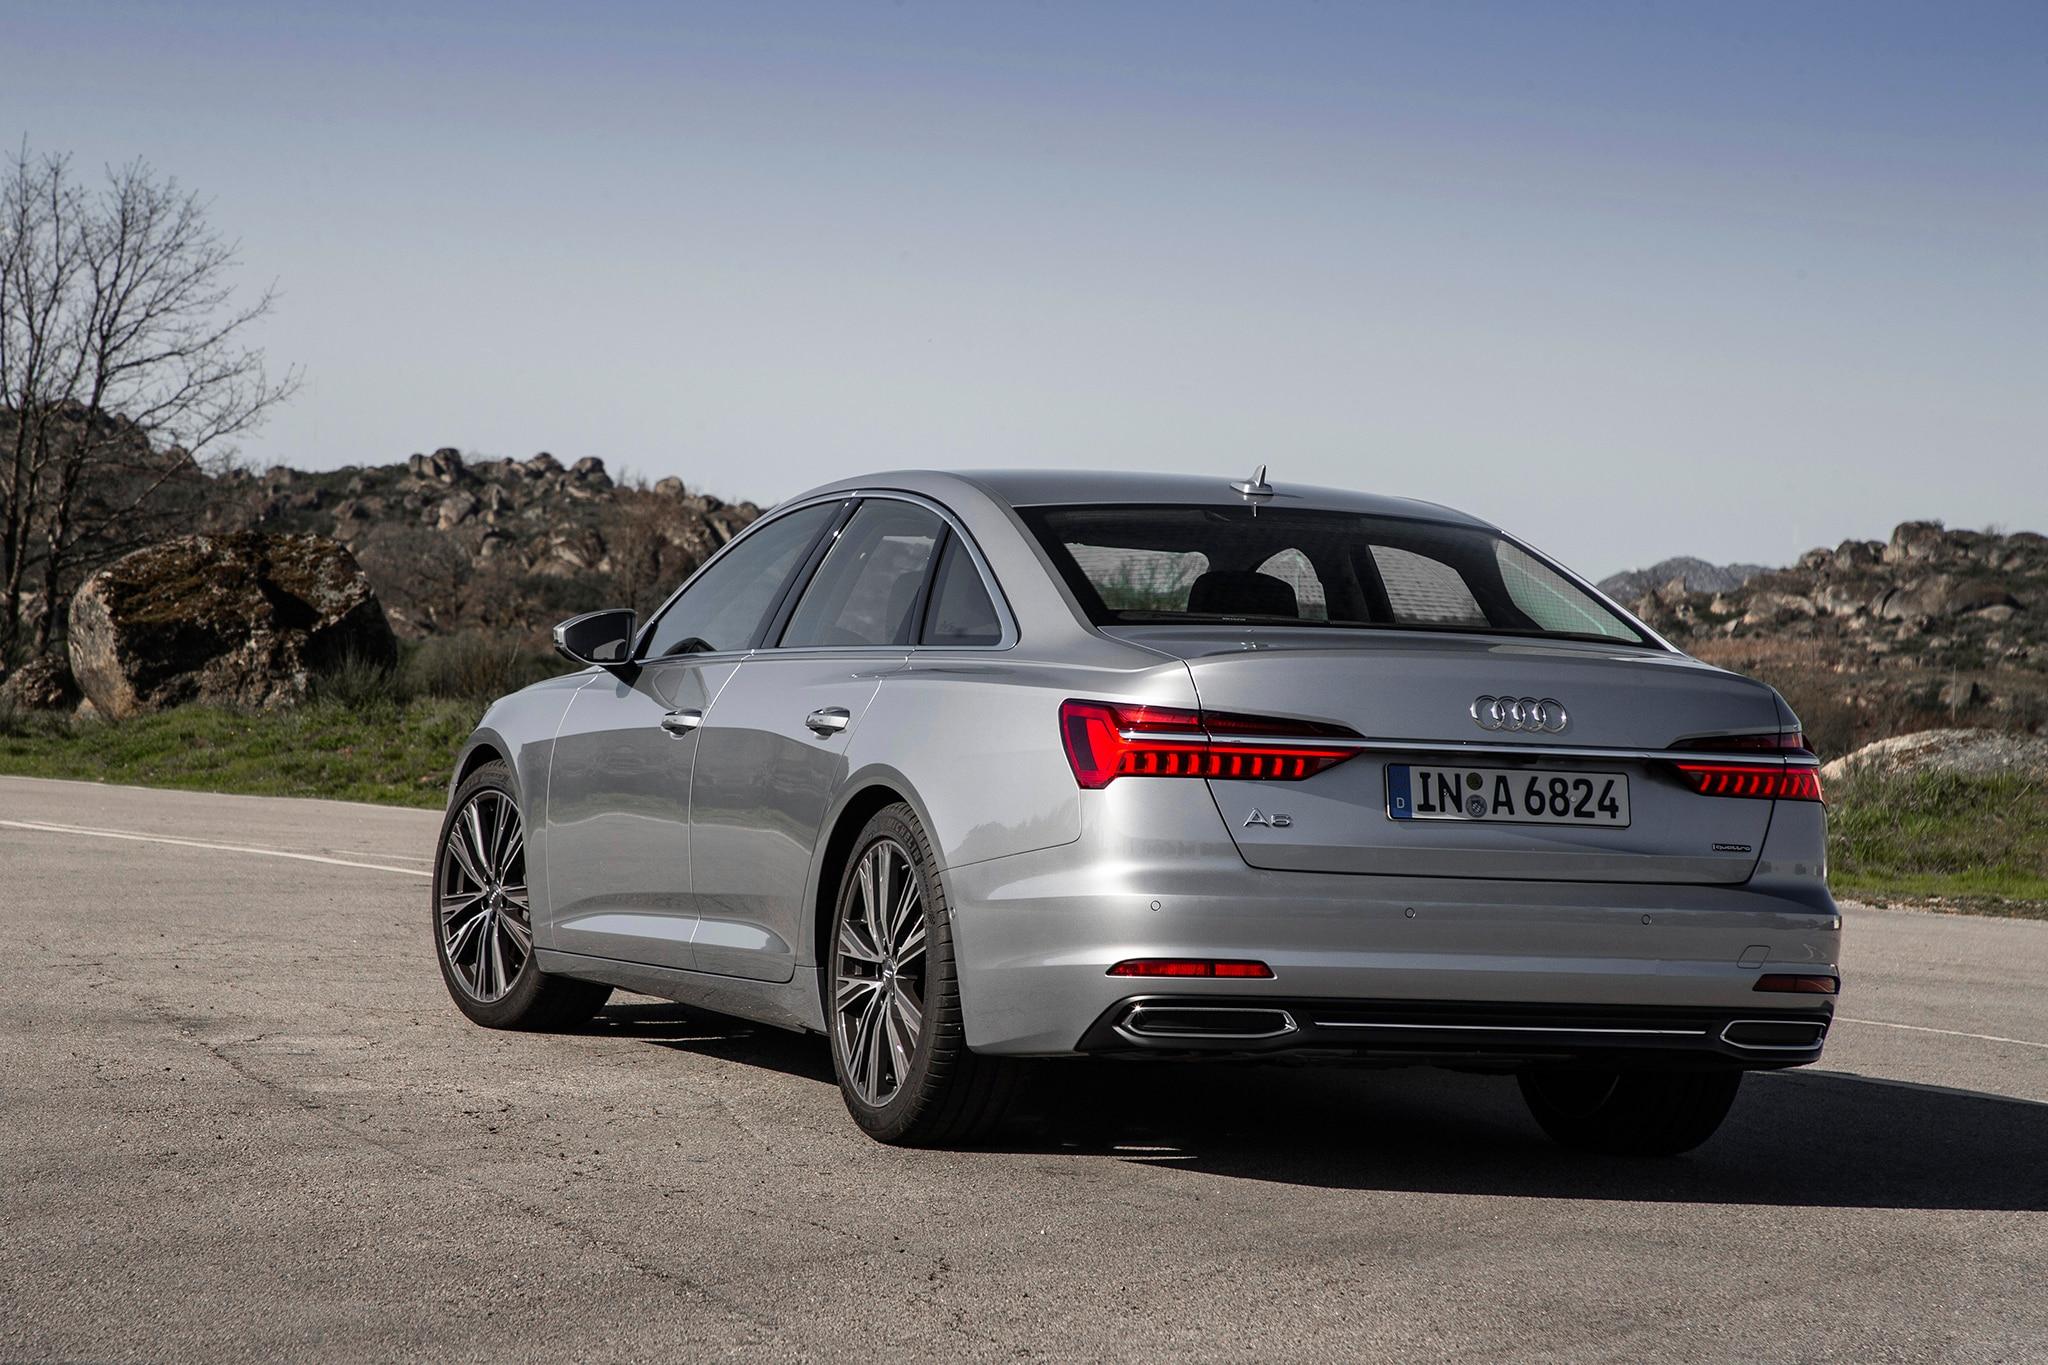 2019 Audi A6 Starts At $59,895